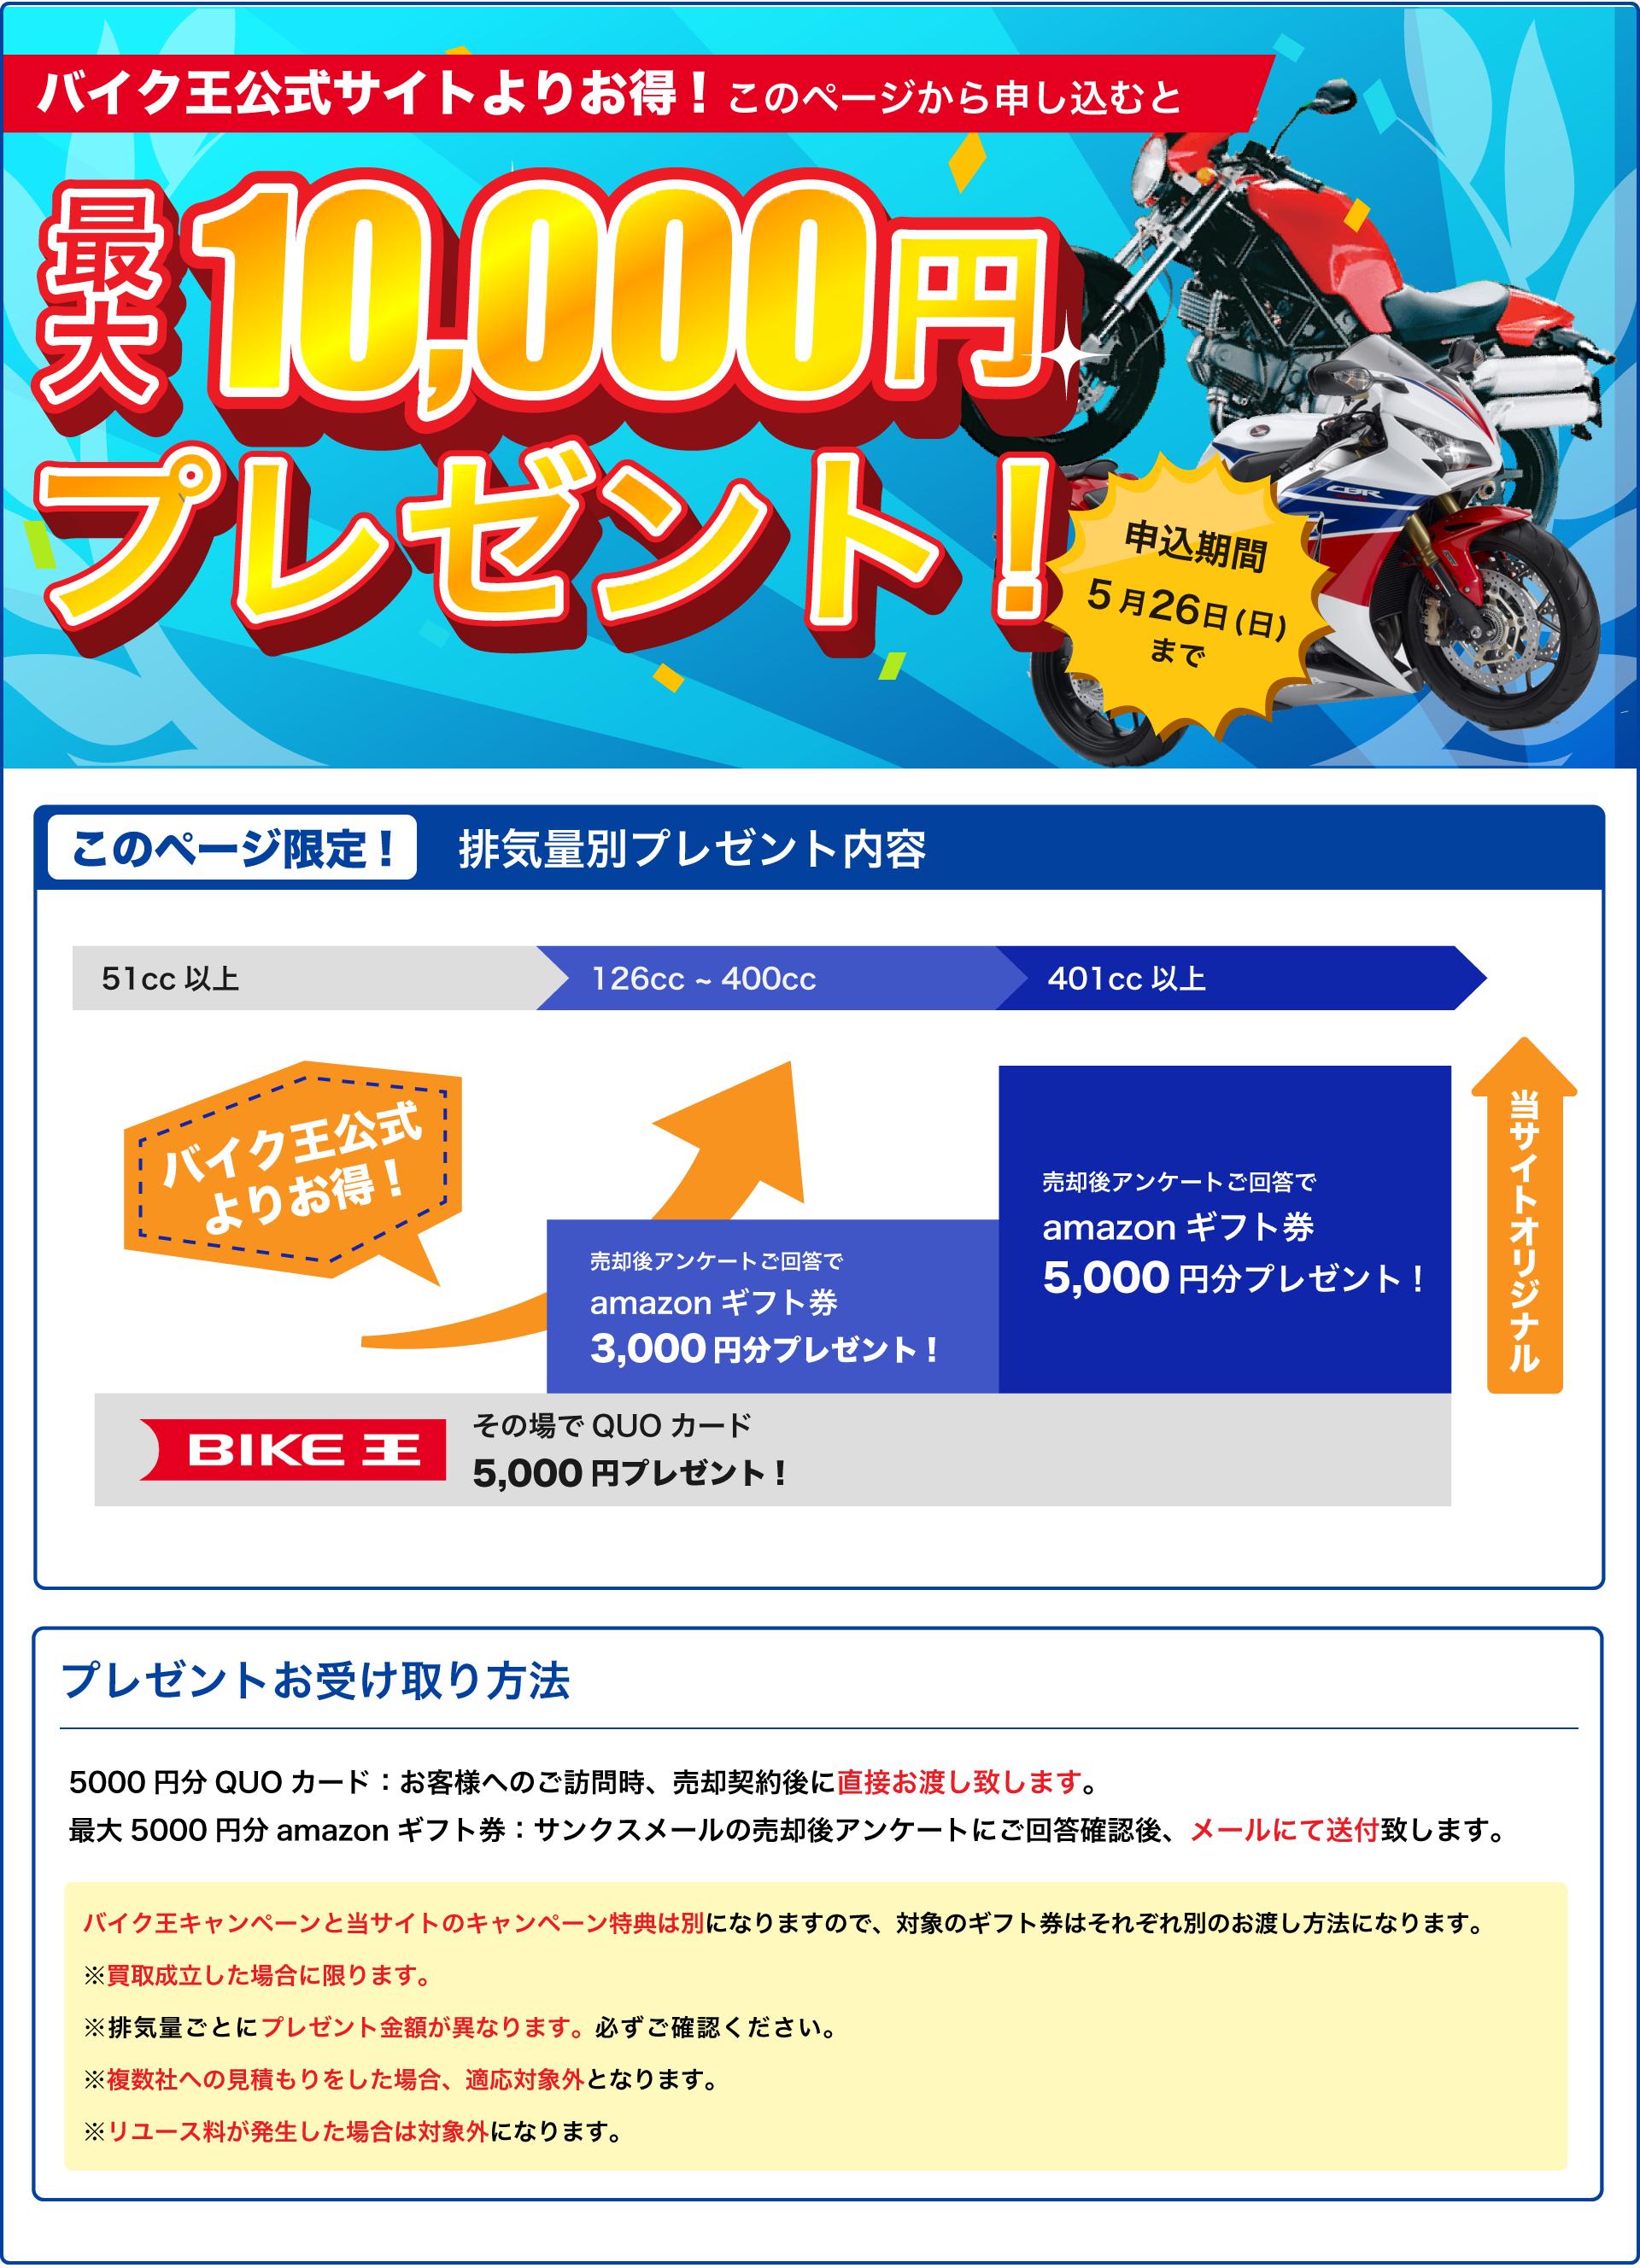 126cc以上のバイク申込&バイク売却の場合、バイク王のキャンペーンでQUOカード5,000円分、バイク比較.com限定キャンペーンでAmazonギフトカード最大5,000円分プレゼント!